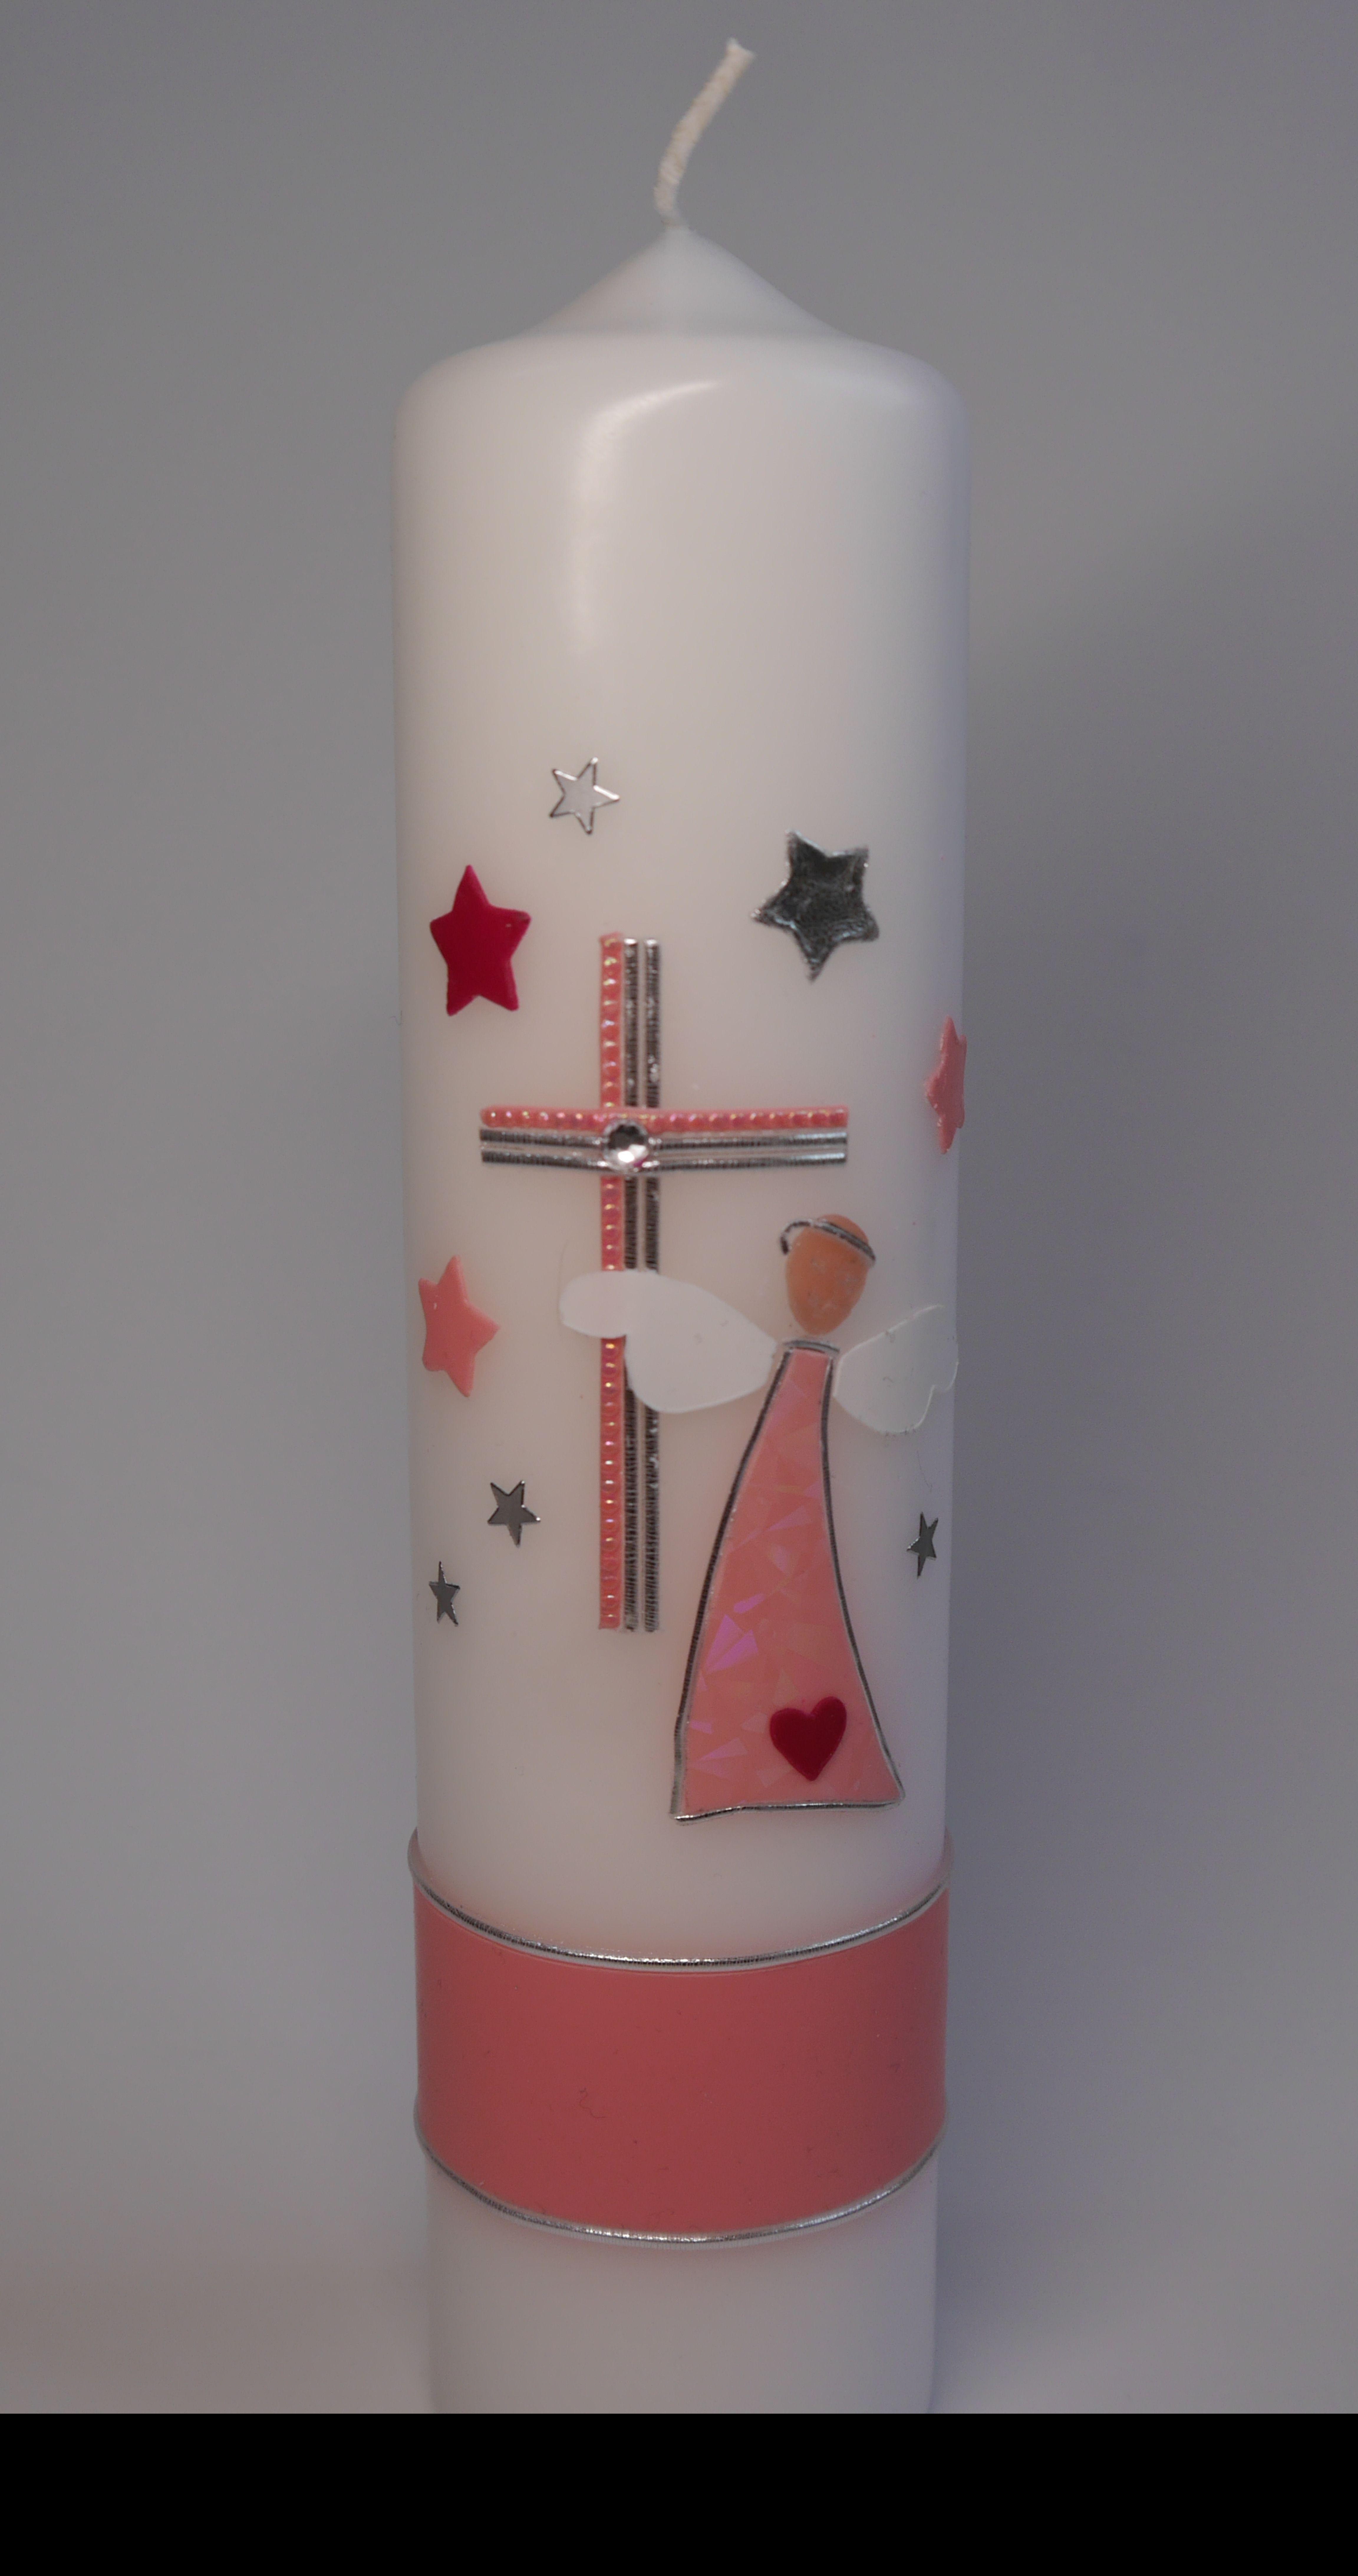 Motivkerze Kerze Engel Kreuz Sterne Kirchlich Konfirmation